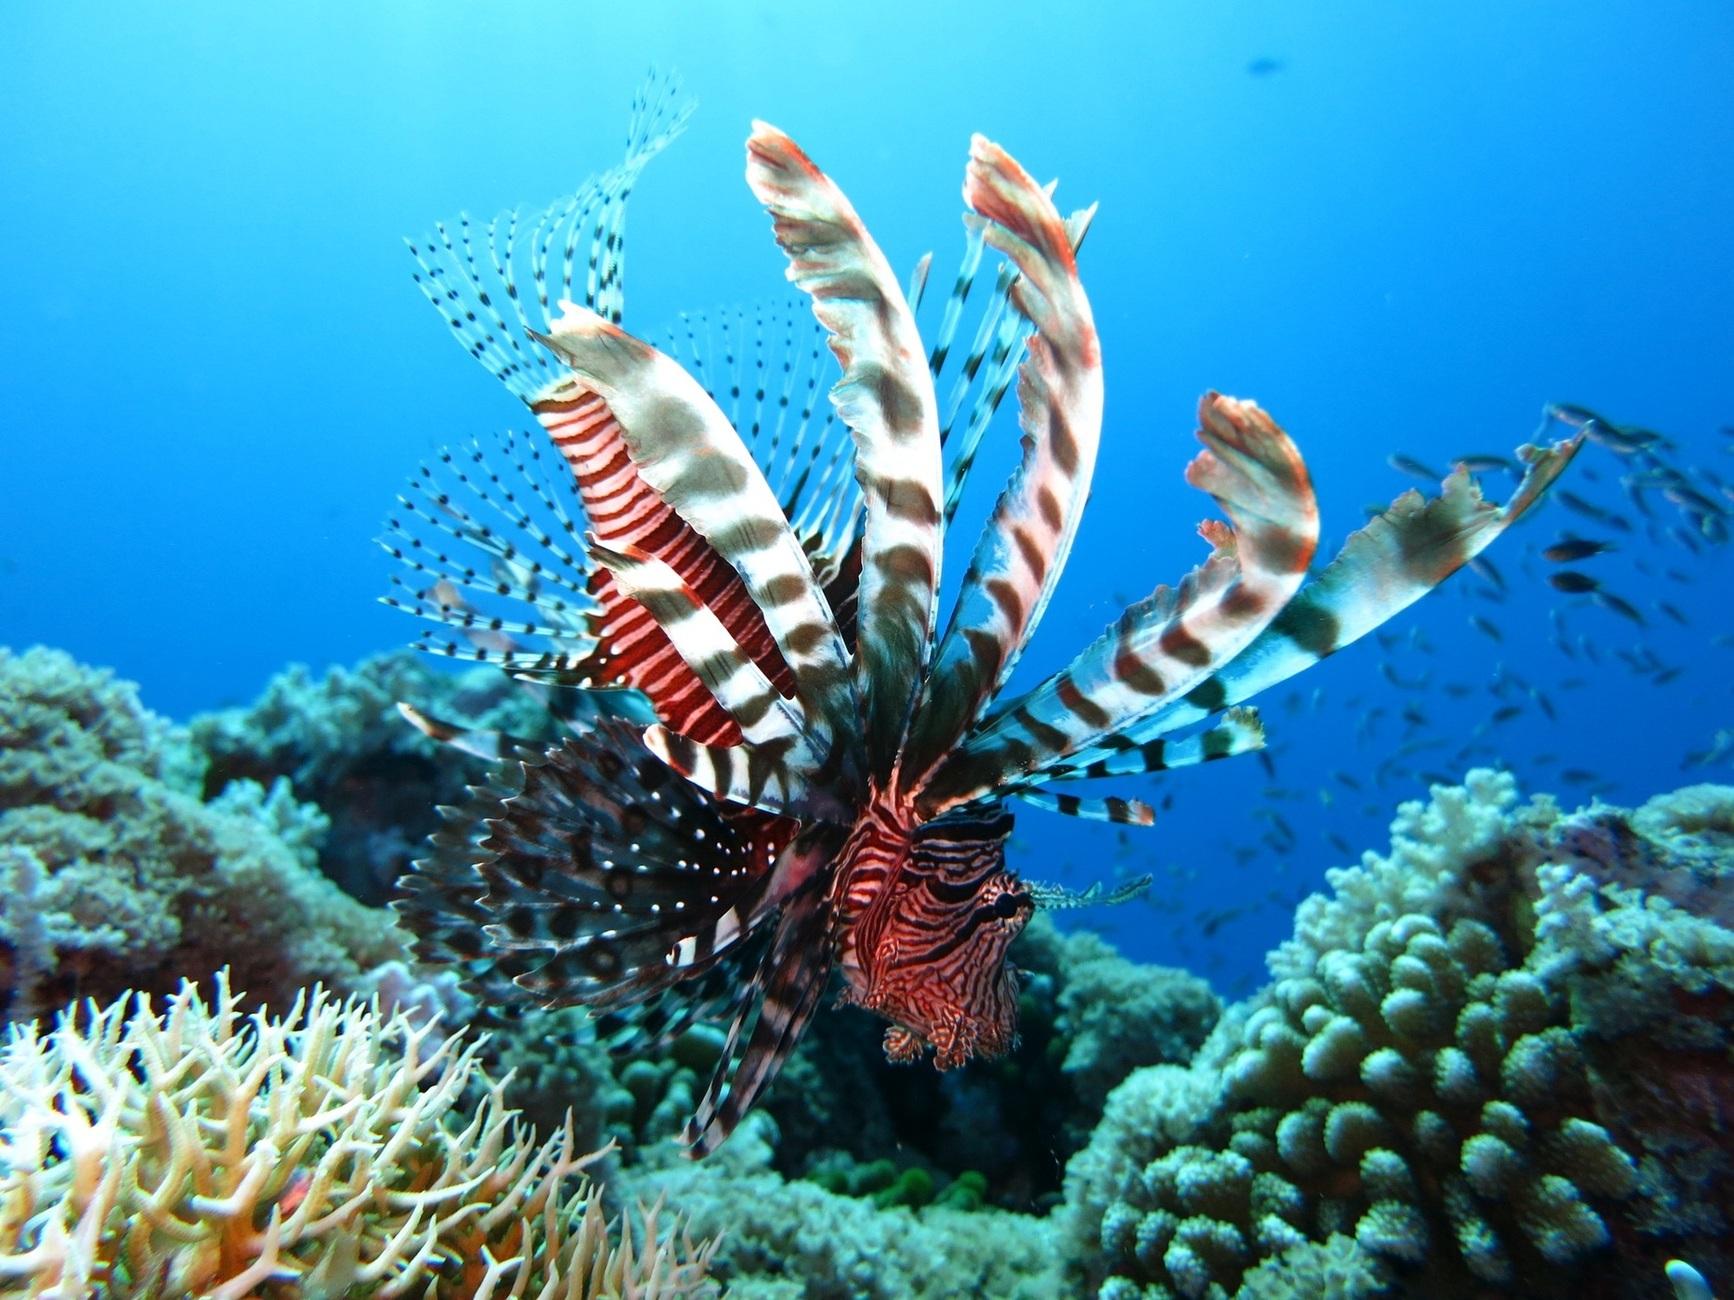 Дотримуючись мети захисту навколишнього середовища, група Anantara ініціювала програму по спонсорству коралів на Мальдівах. Гостям Anantara пропонують взяти участь в програмі та робити позитивний внесок в охорону рифів.